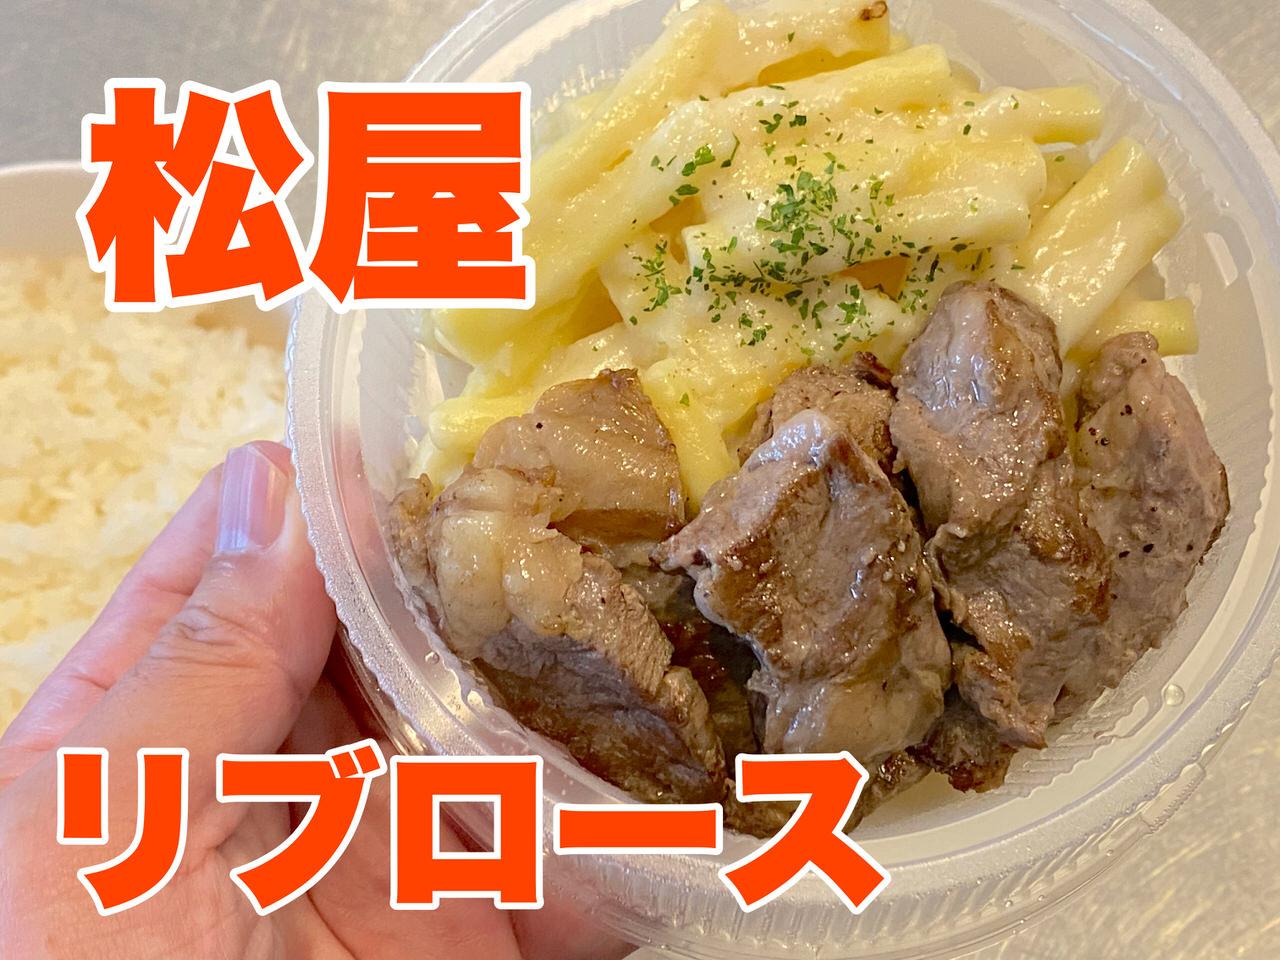 【松屋】肉は何グラム!?ステーキ肉をカットした「牛リブロースのカットステーキ定食」食べてみた!